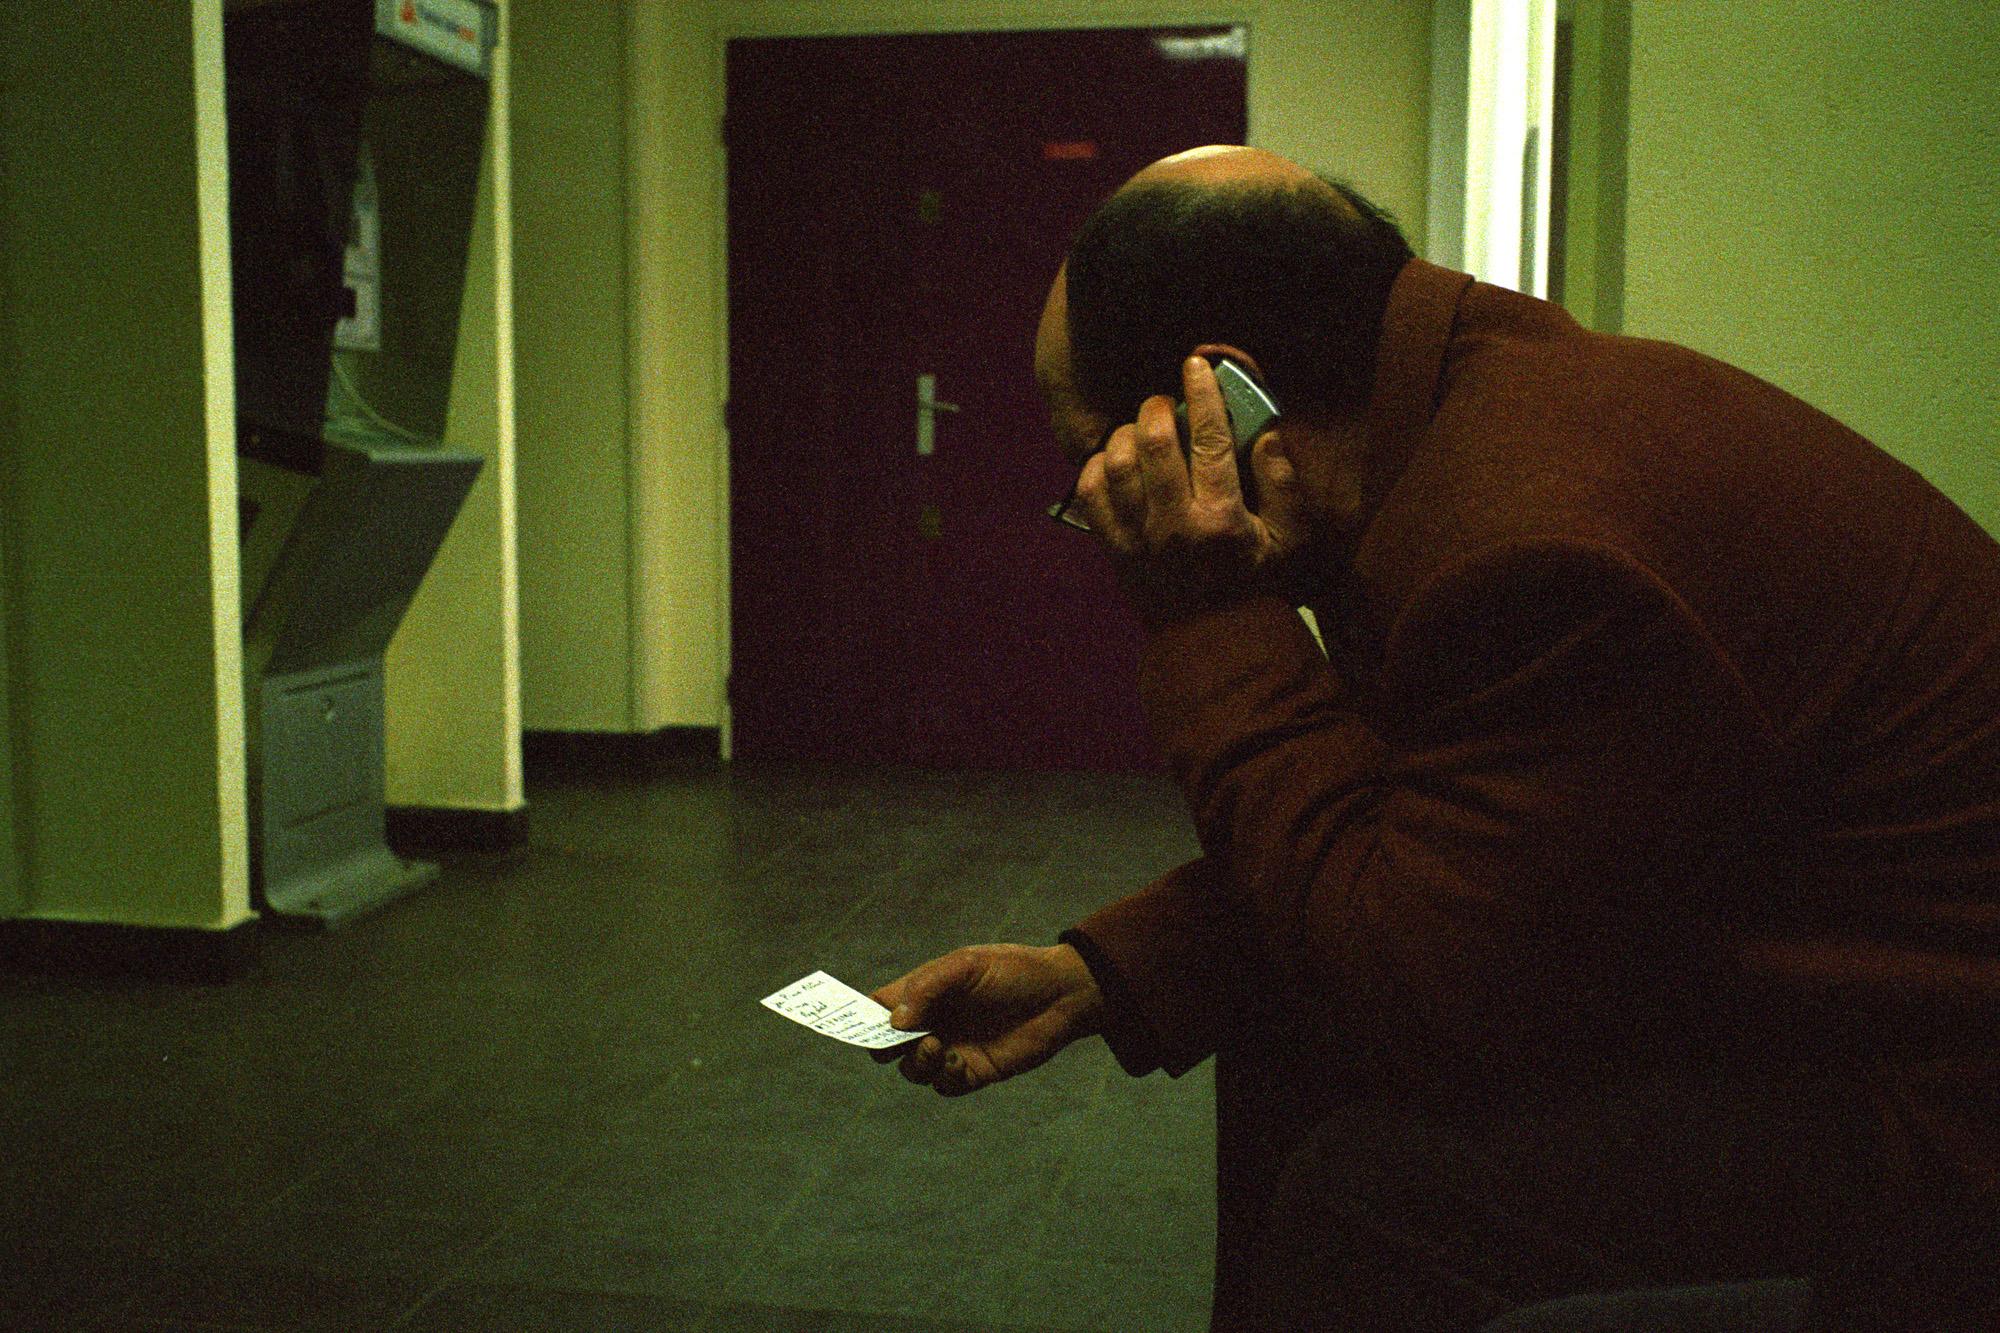 """Il passe beaucoup de temps au téléphone pour avoir le statut. Son fils et sa femme ont vécu tout cela. Ils l'ont accompagné. Son fils pose beaucoup de problèmes en classe et dans le foyer. C'est lui qui a fait ces taches dans un des escaliers.  Extrait du webdocumentaire   """" Adoma, vers la maison ? """"  , séléctionné au festival Visa Pour l'Image 2009."""